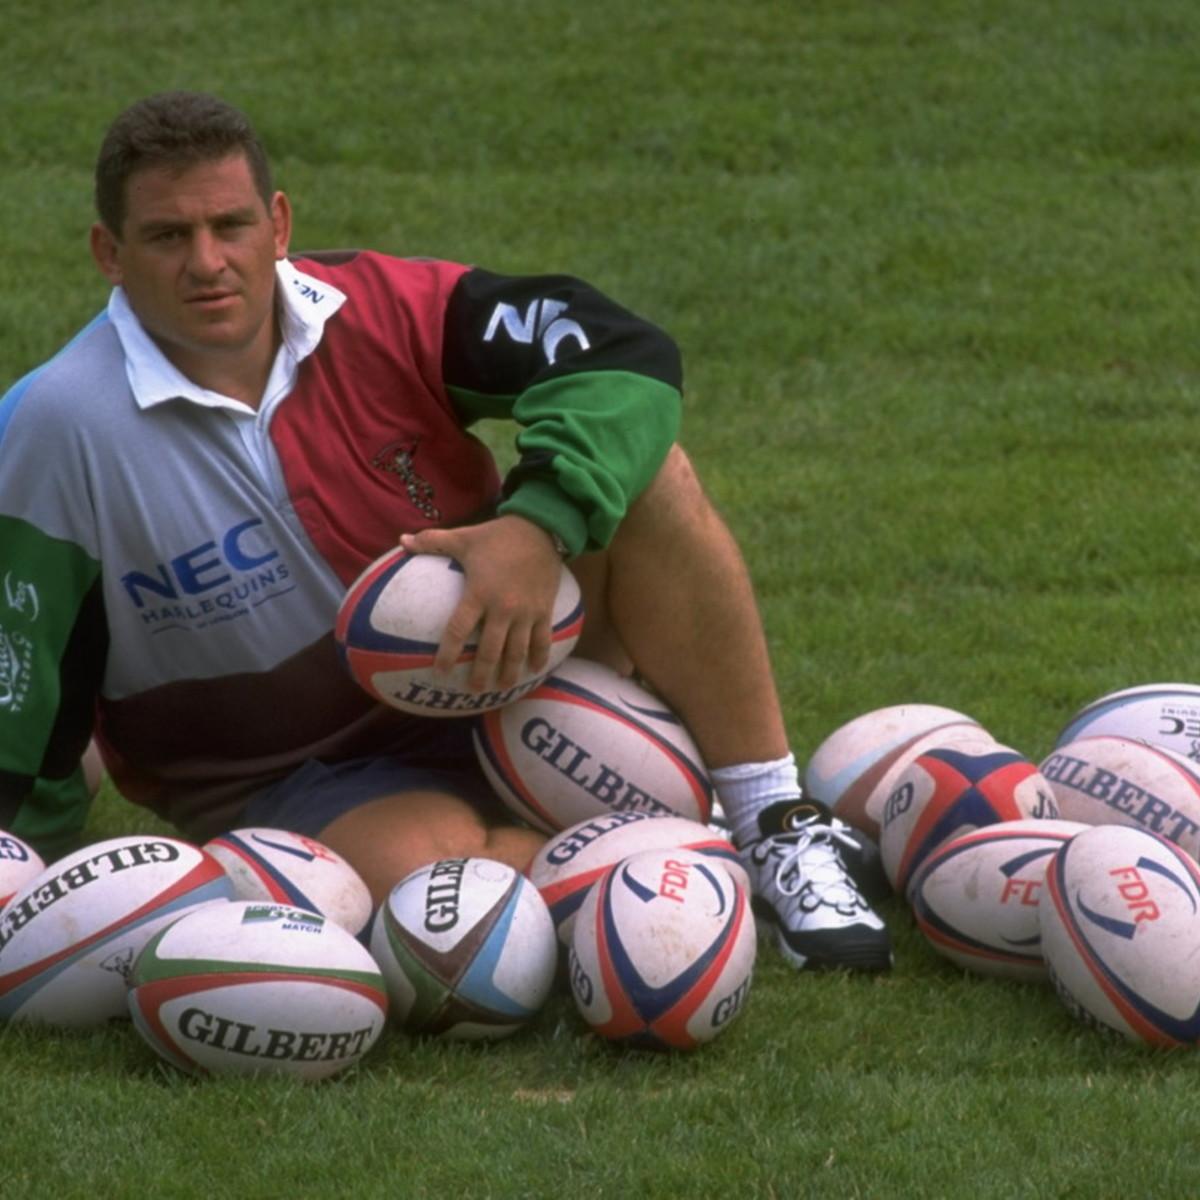 Rugby in lutto: addio a Cuttitta, ex capitano della Nazionale